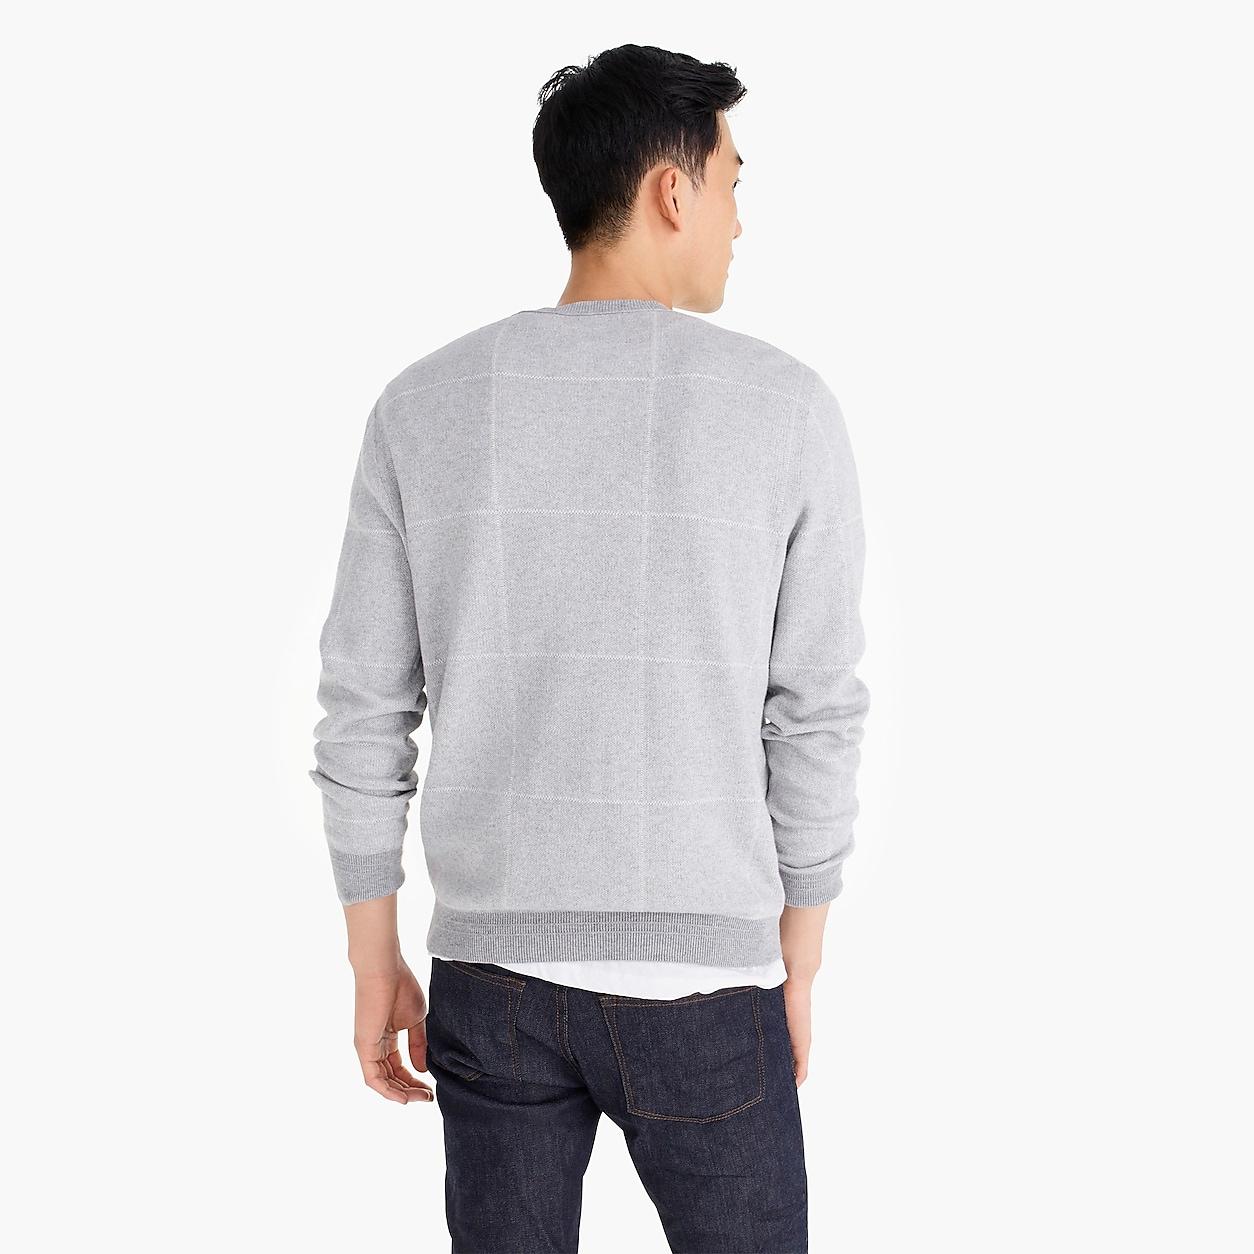 6f2031c87e2a Cotton-Cashmere Crewneck Sweater In Windowpane Jacquard